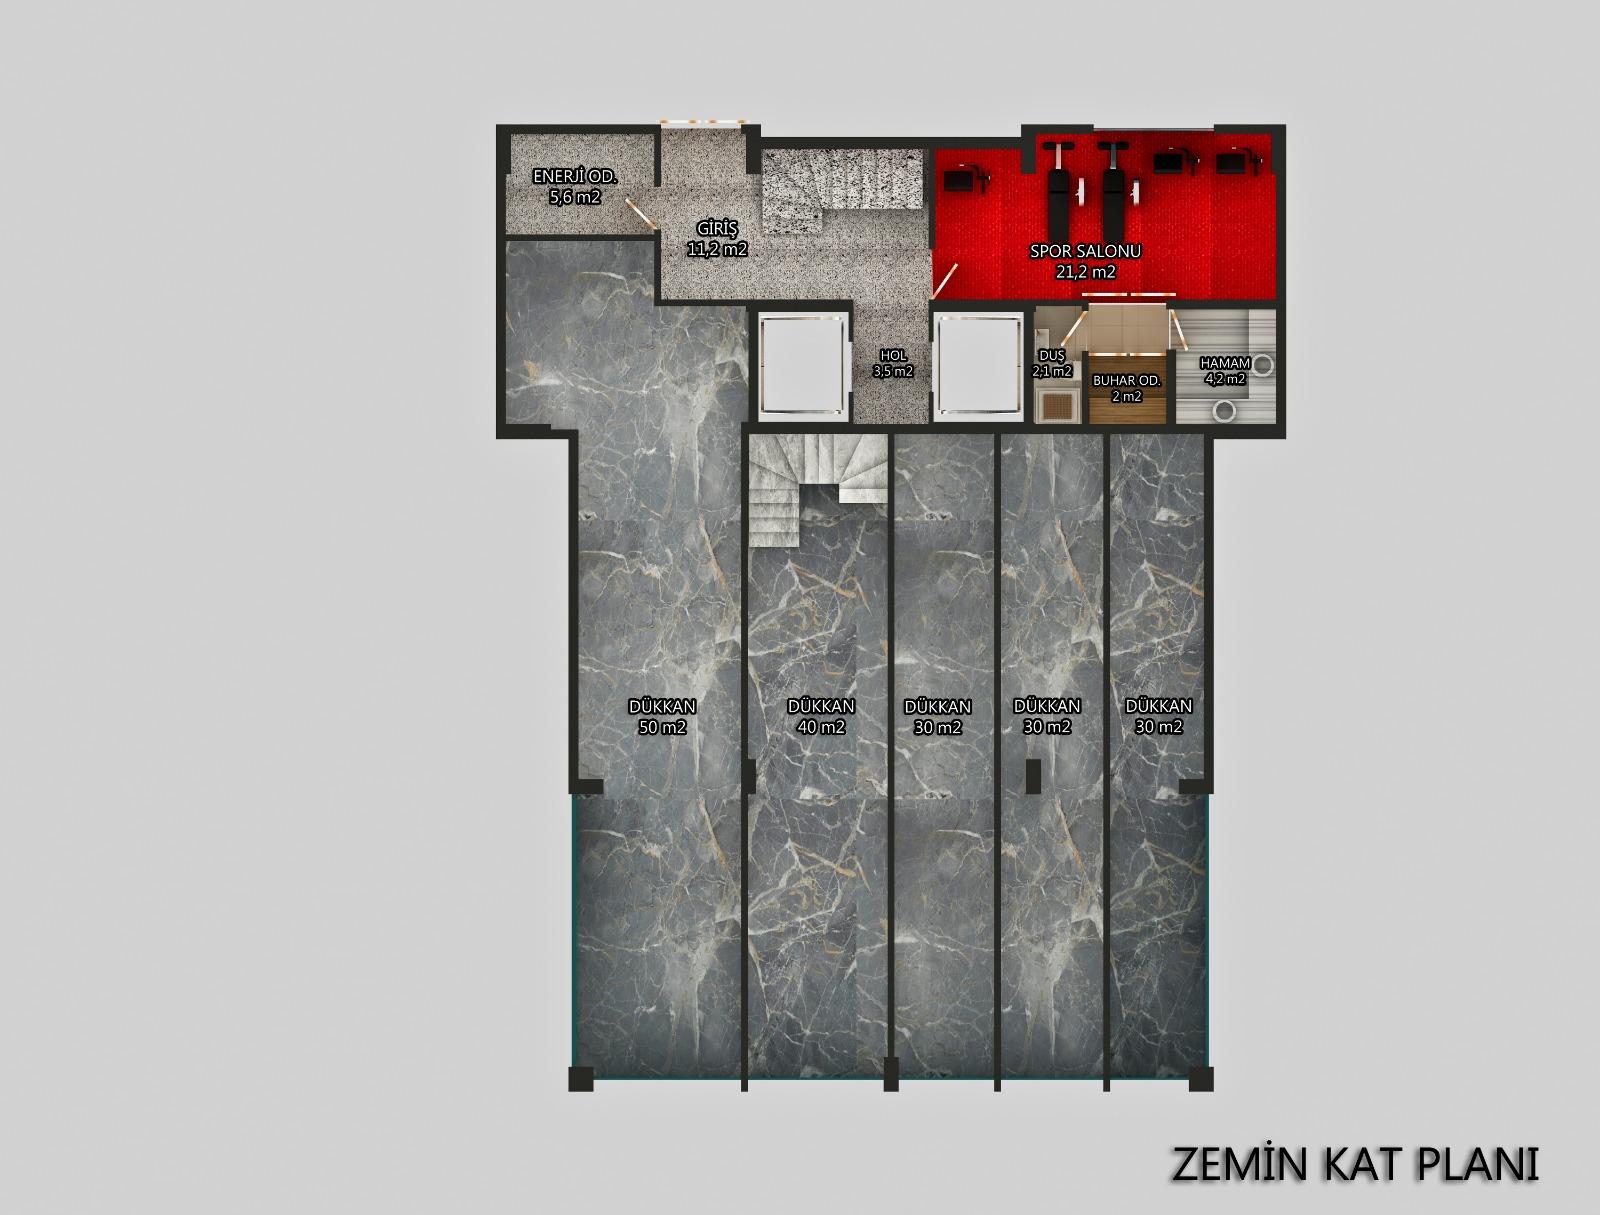 Комфортабельные квартиры в жилом комплексе на этапе строительства - Фото 6